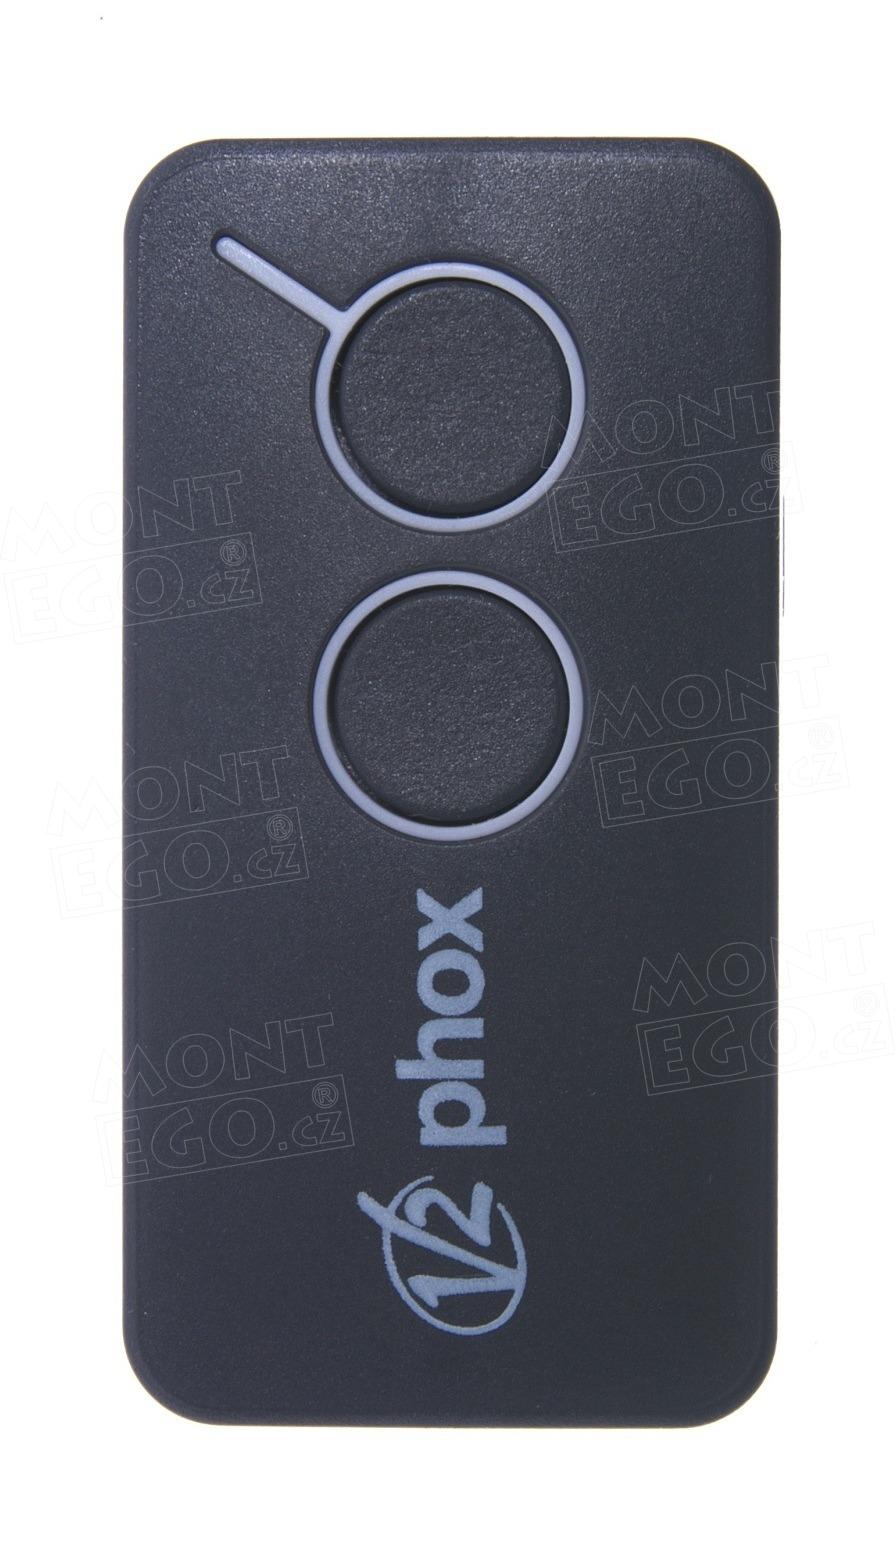 Dálkový ovládač V2 PHOX2-433, 2 kanálový dálkový ovladač V2 FOX2